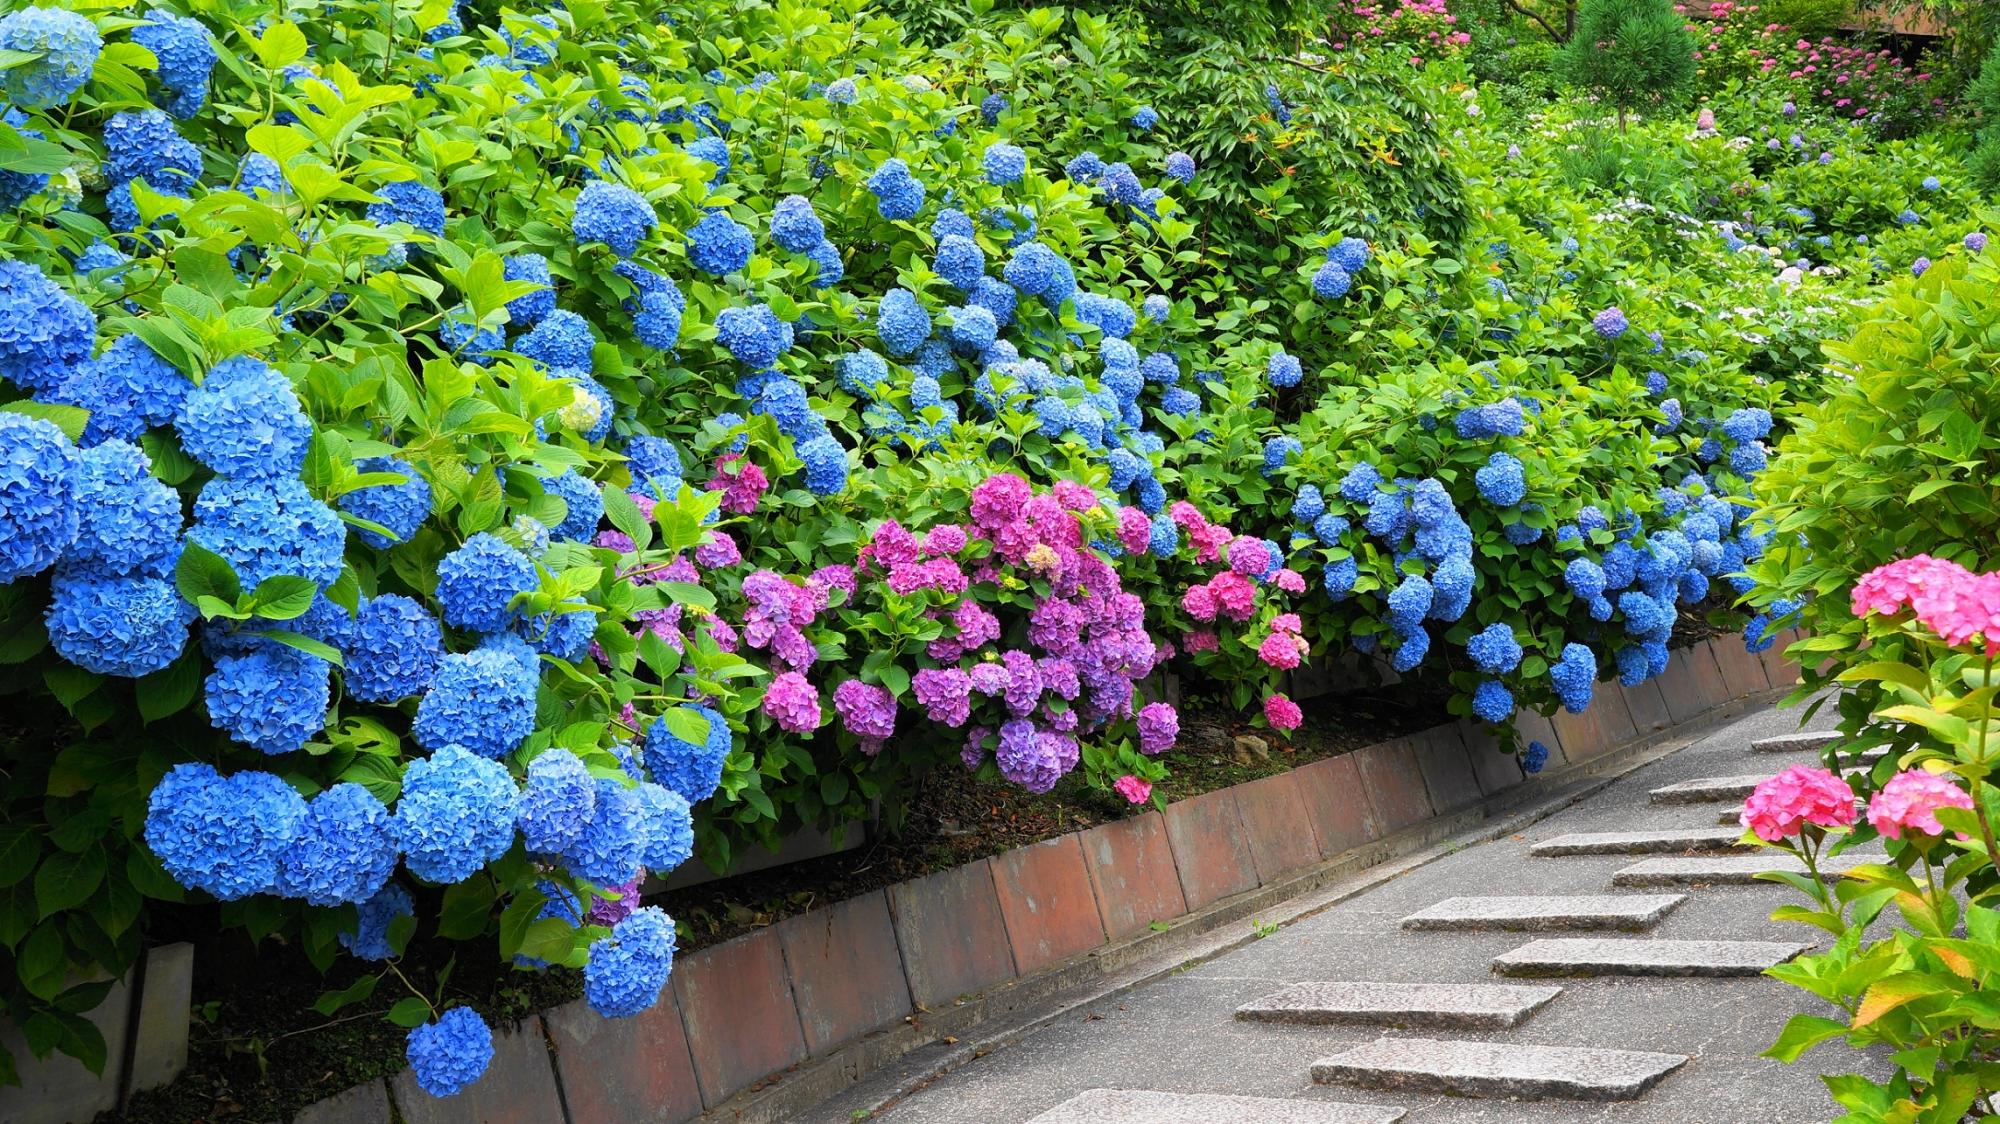 善峯寺の花の重たさで垂れ下がる満開の紫陽花